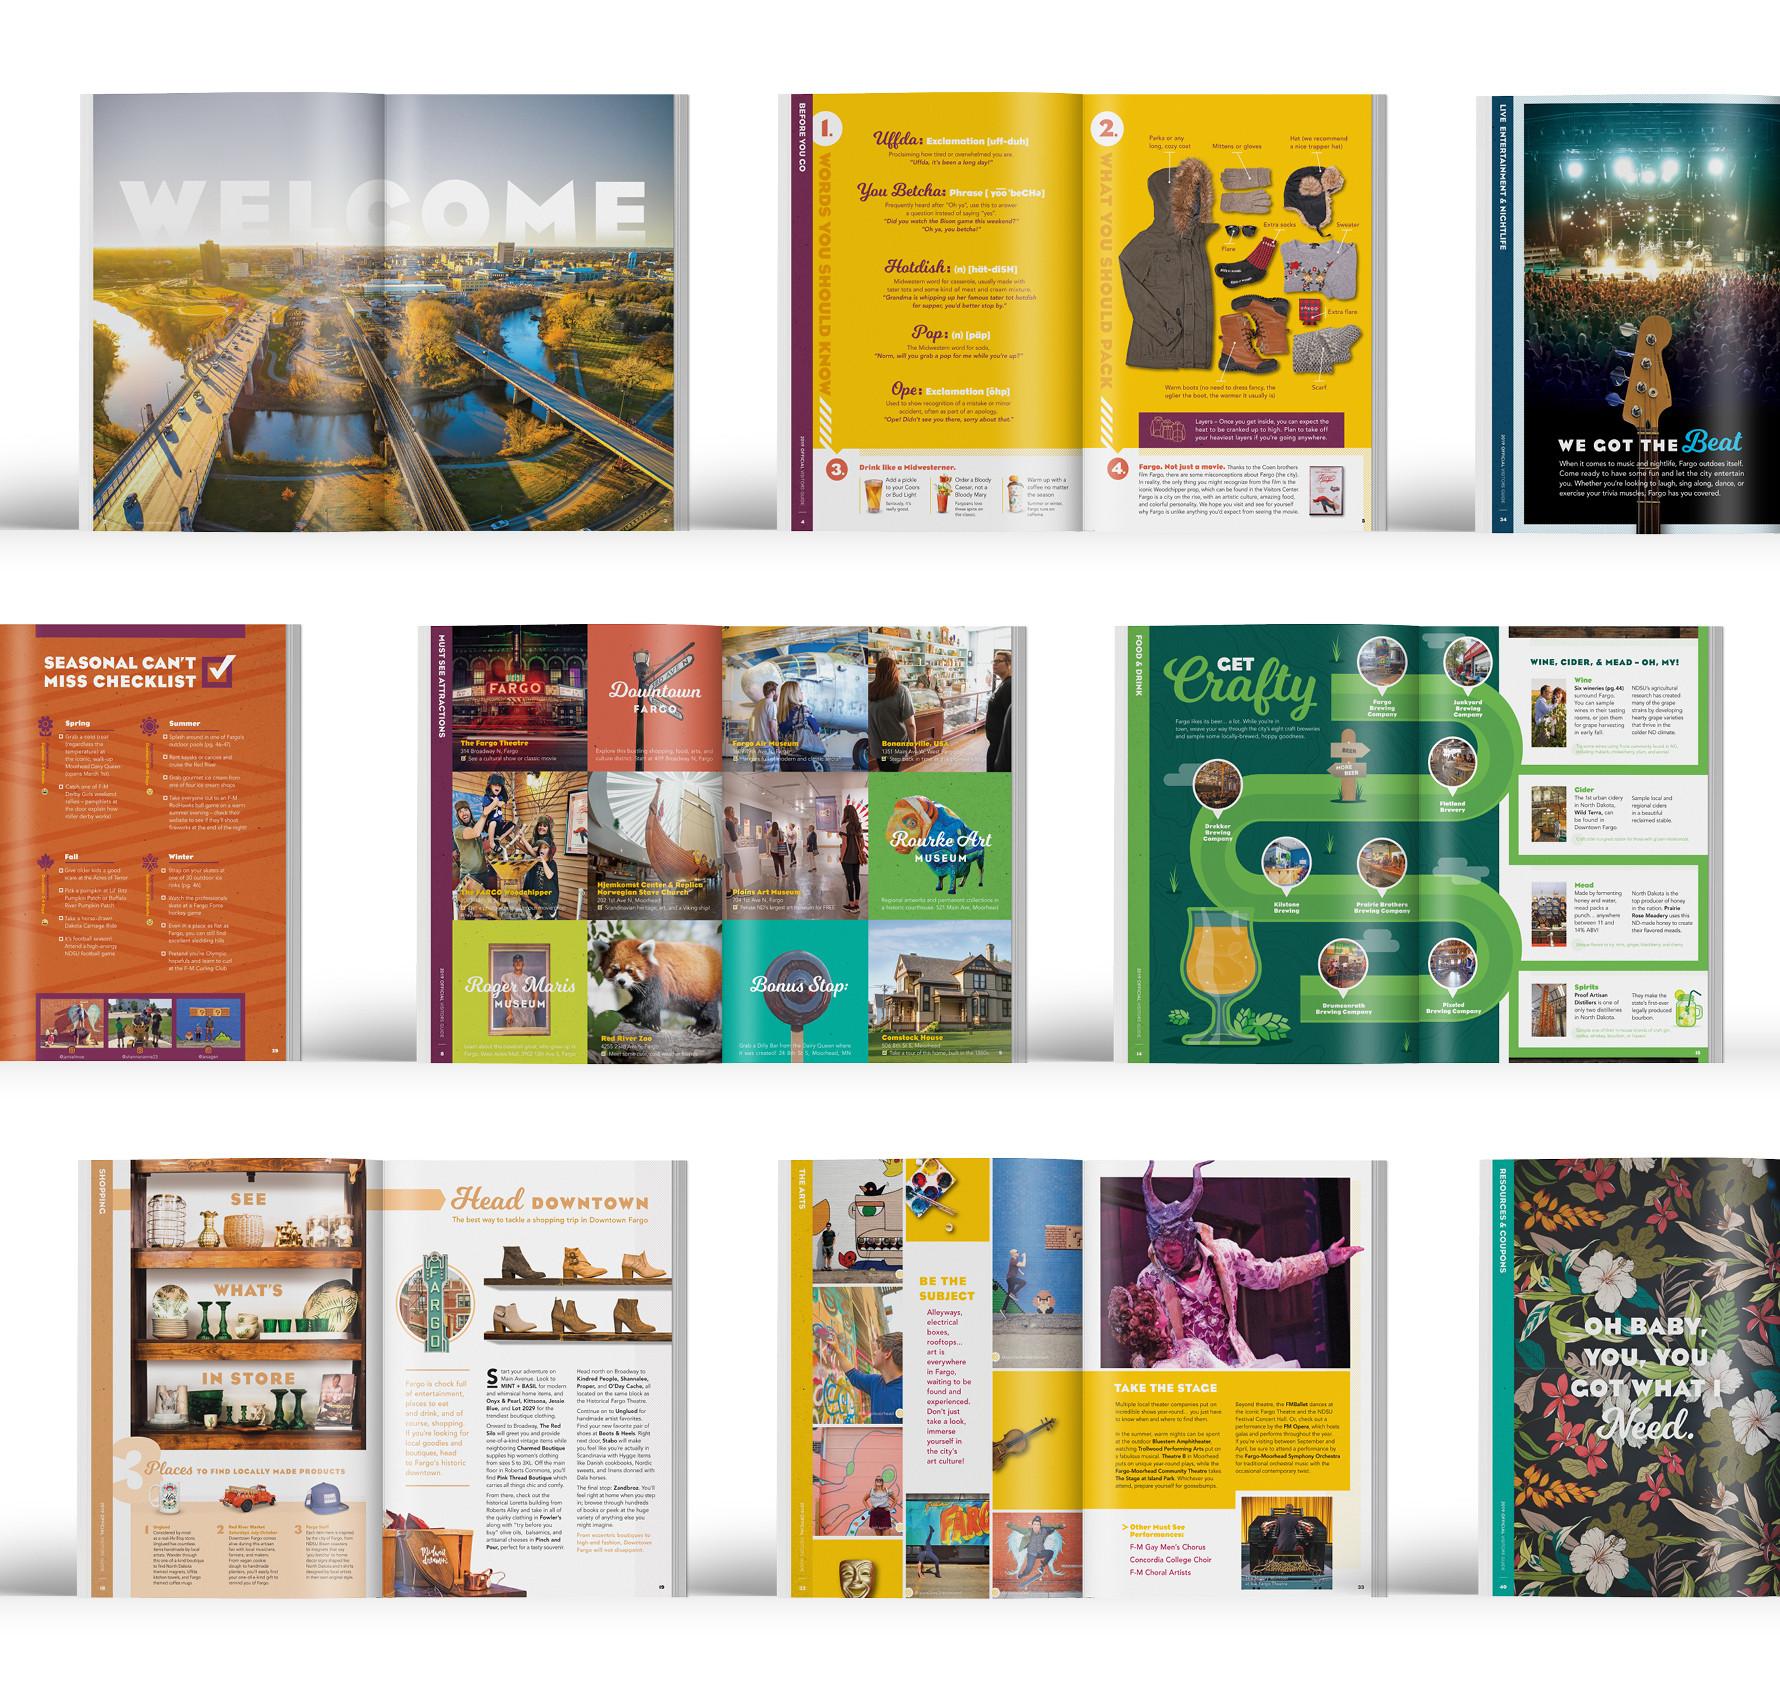 2019 Visitors Guide spread designs